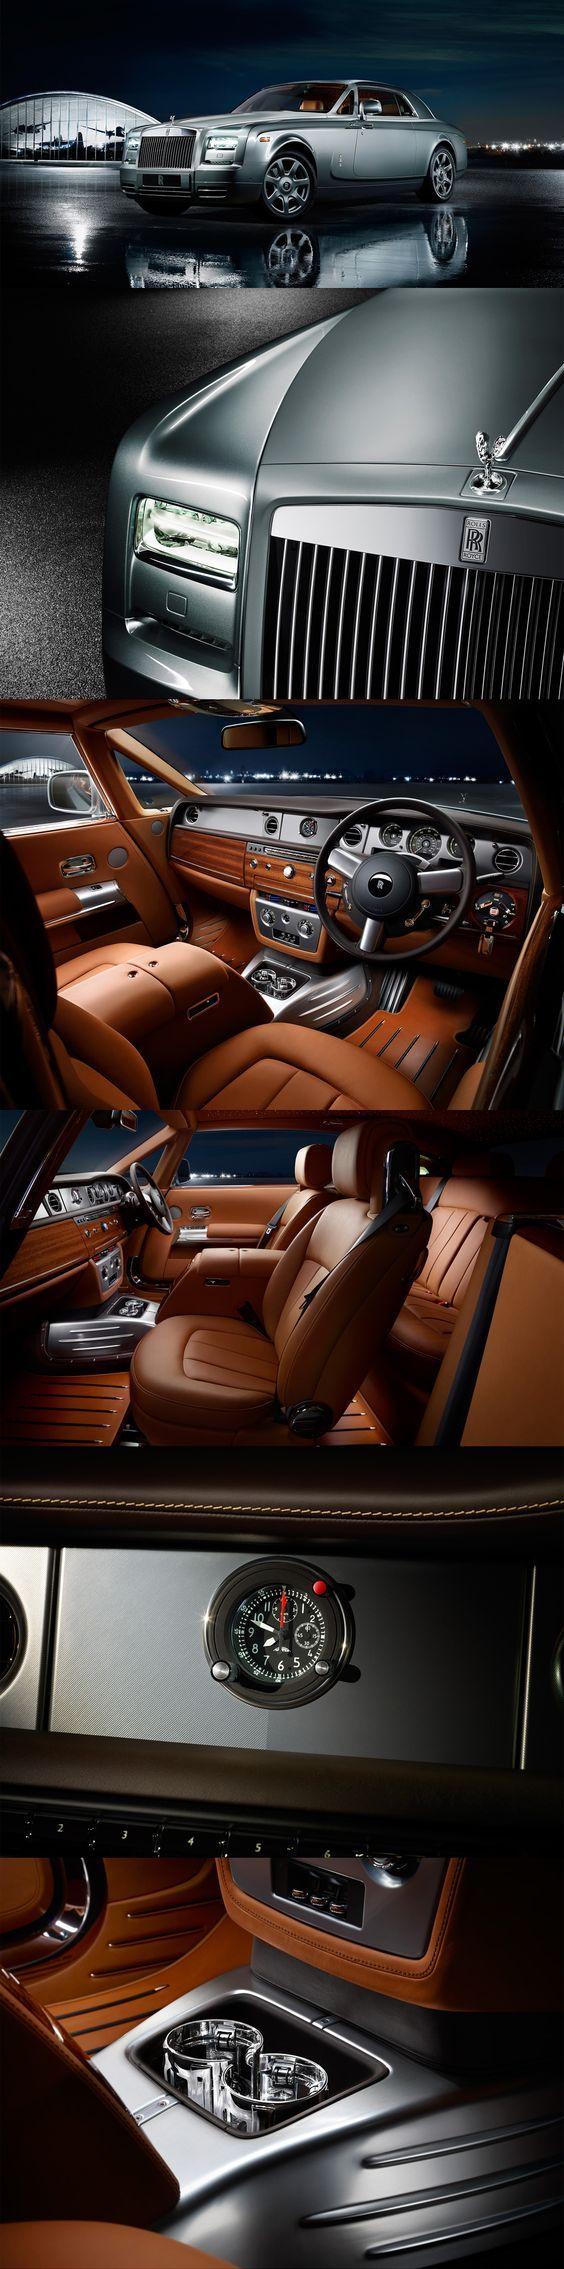 Mi vehículo personal que guardo en mi barco es un Rolls Royce.Es el verdadero negocio. Uno de los coches más bellos creados: @PunIntendedMag Luxury redefined! Rolls Royce Wraith on http://punintendednews.club